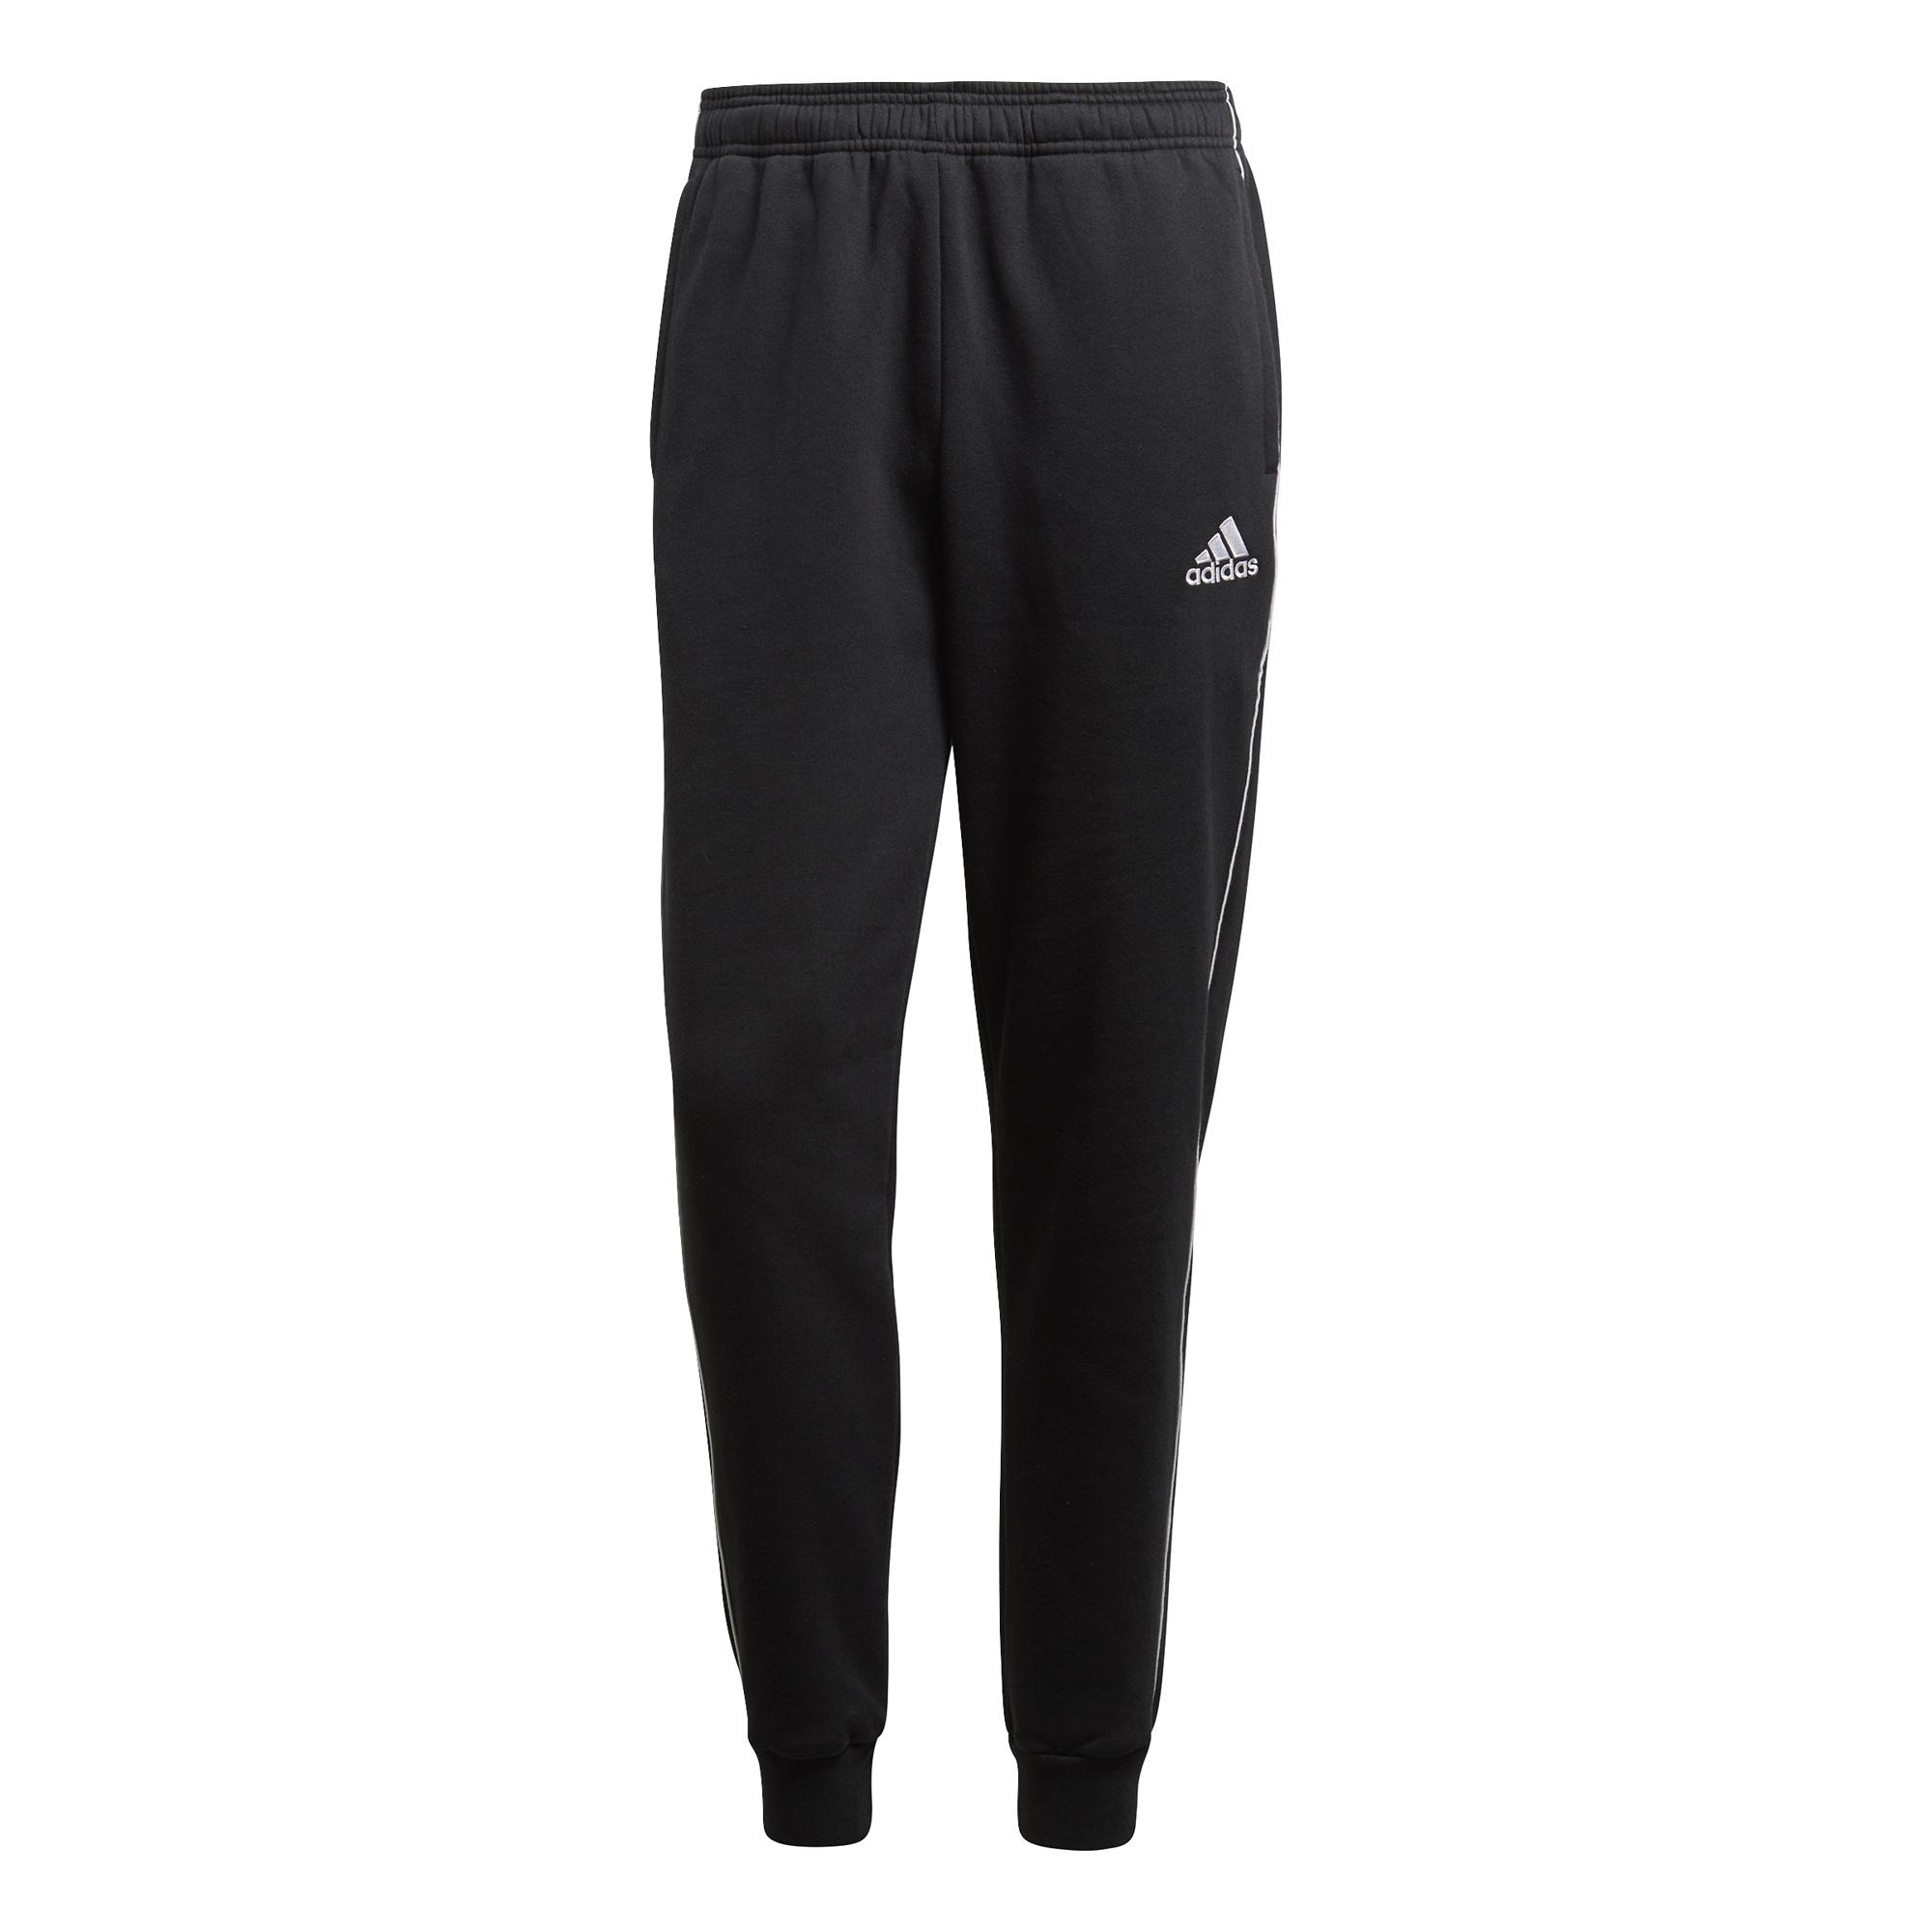 ADIDAS vycházkové kalhoty Core 18 Sweat Pant